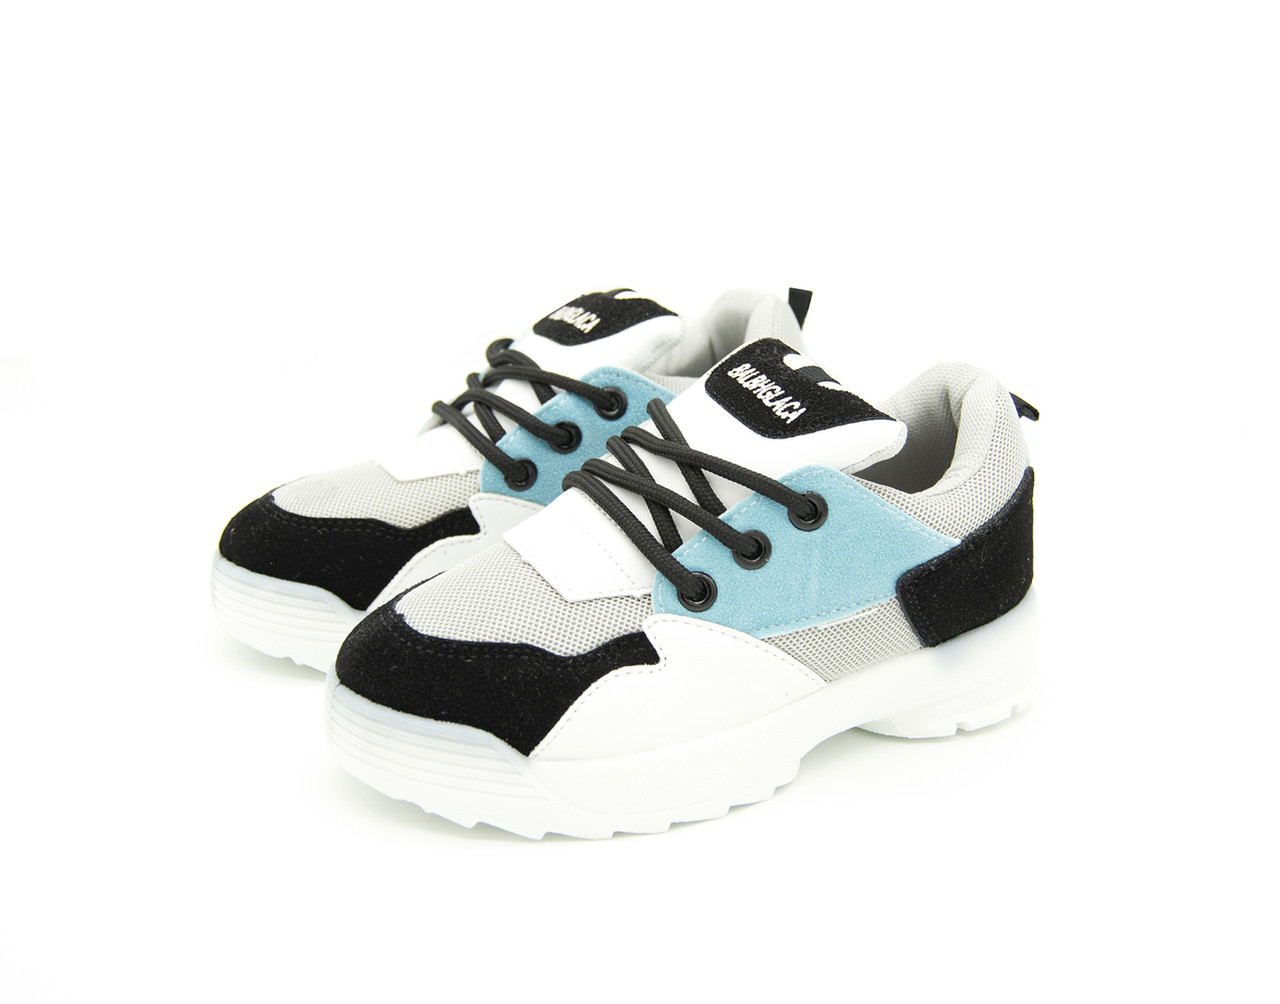 Стильные кроссовки для детей Размеры: 31 -20 см, 32 - 20,5 см